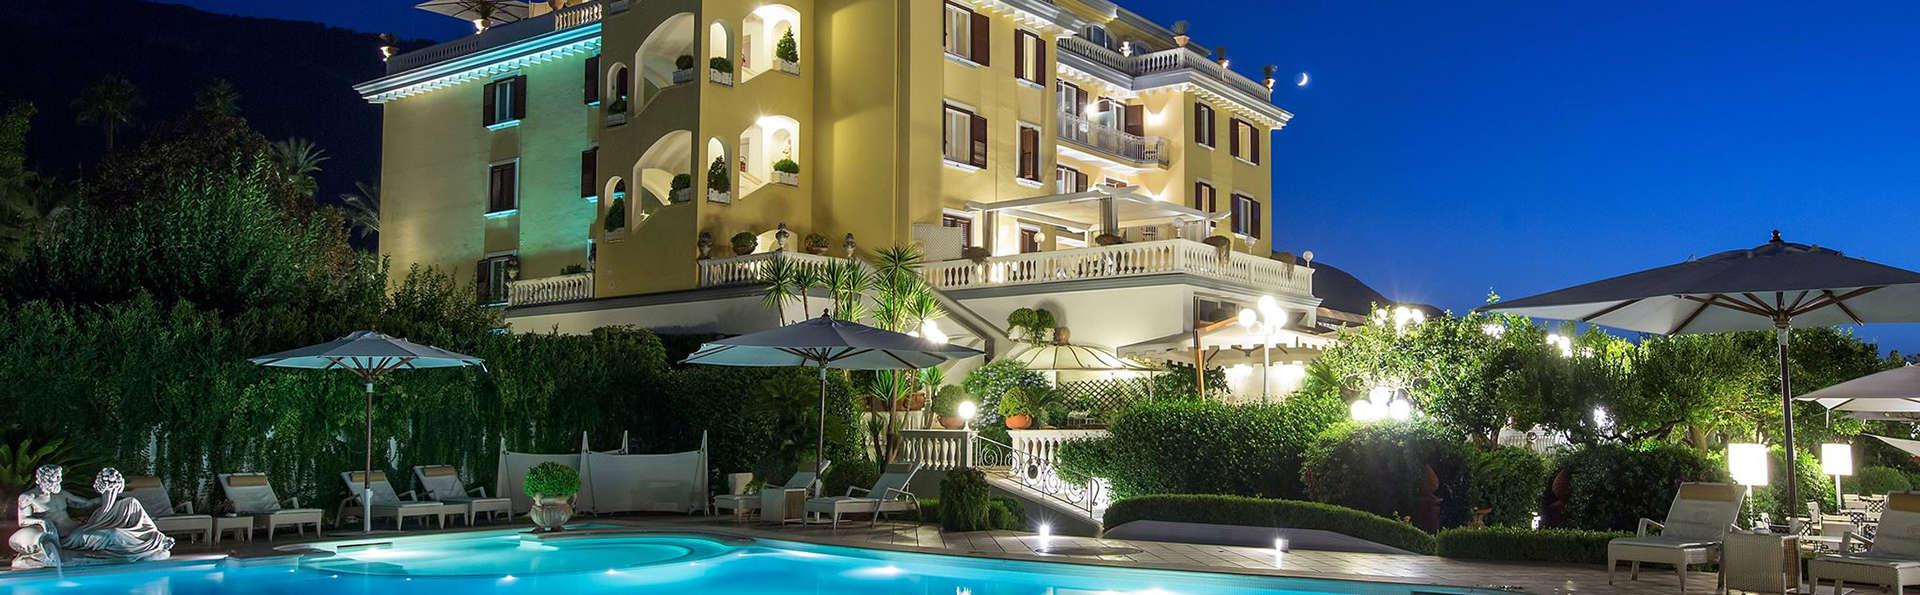 La Medusa Hotel & Boutique Spa - edit_facade_pool.jpg